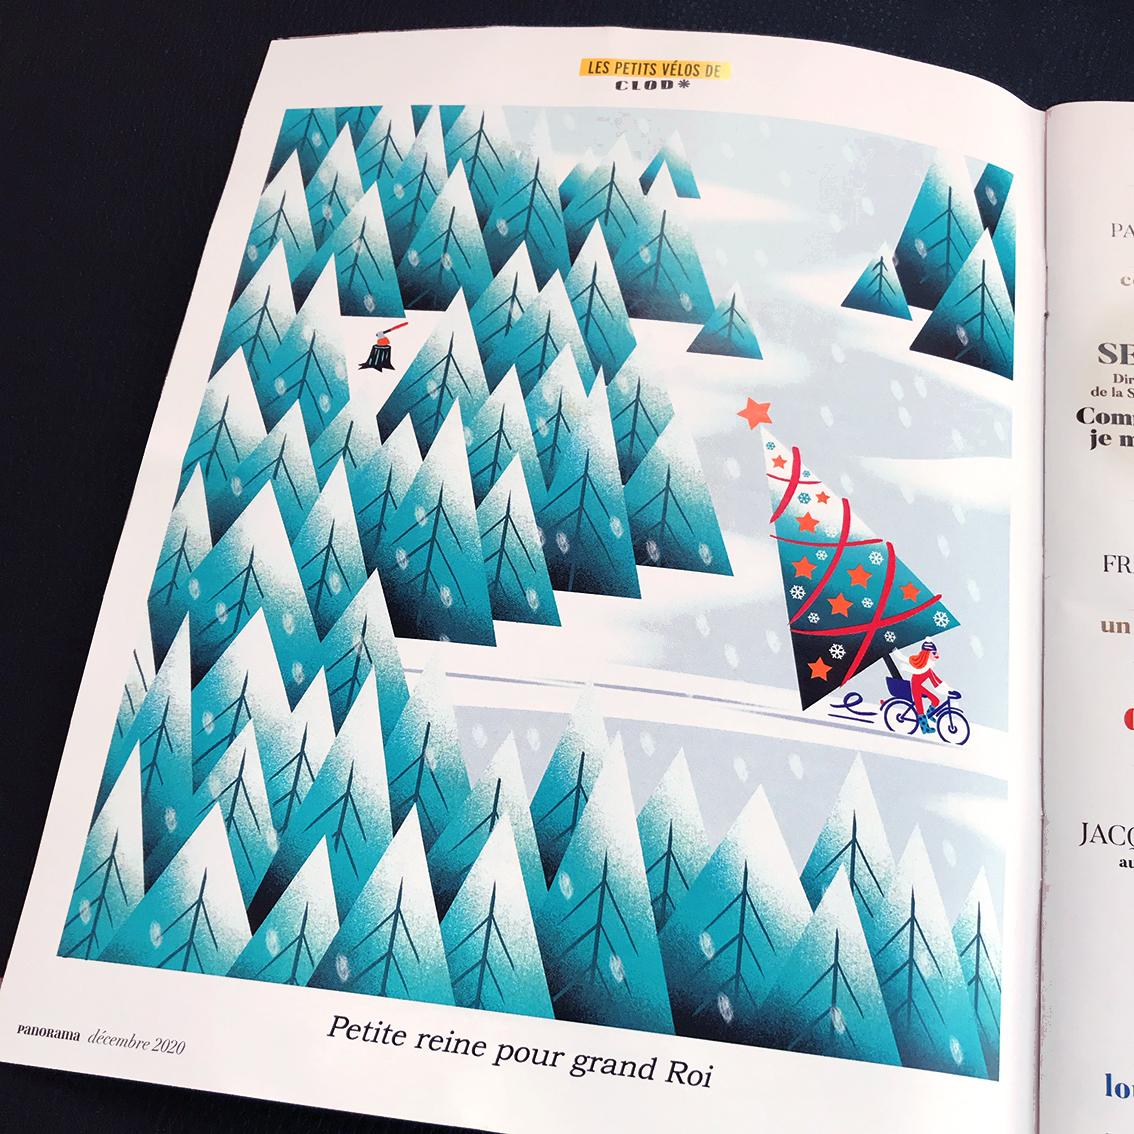 Les Petits vélos de Clod, illustration pour le magazine Panorama